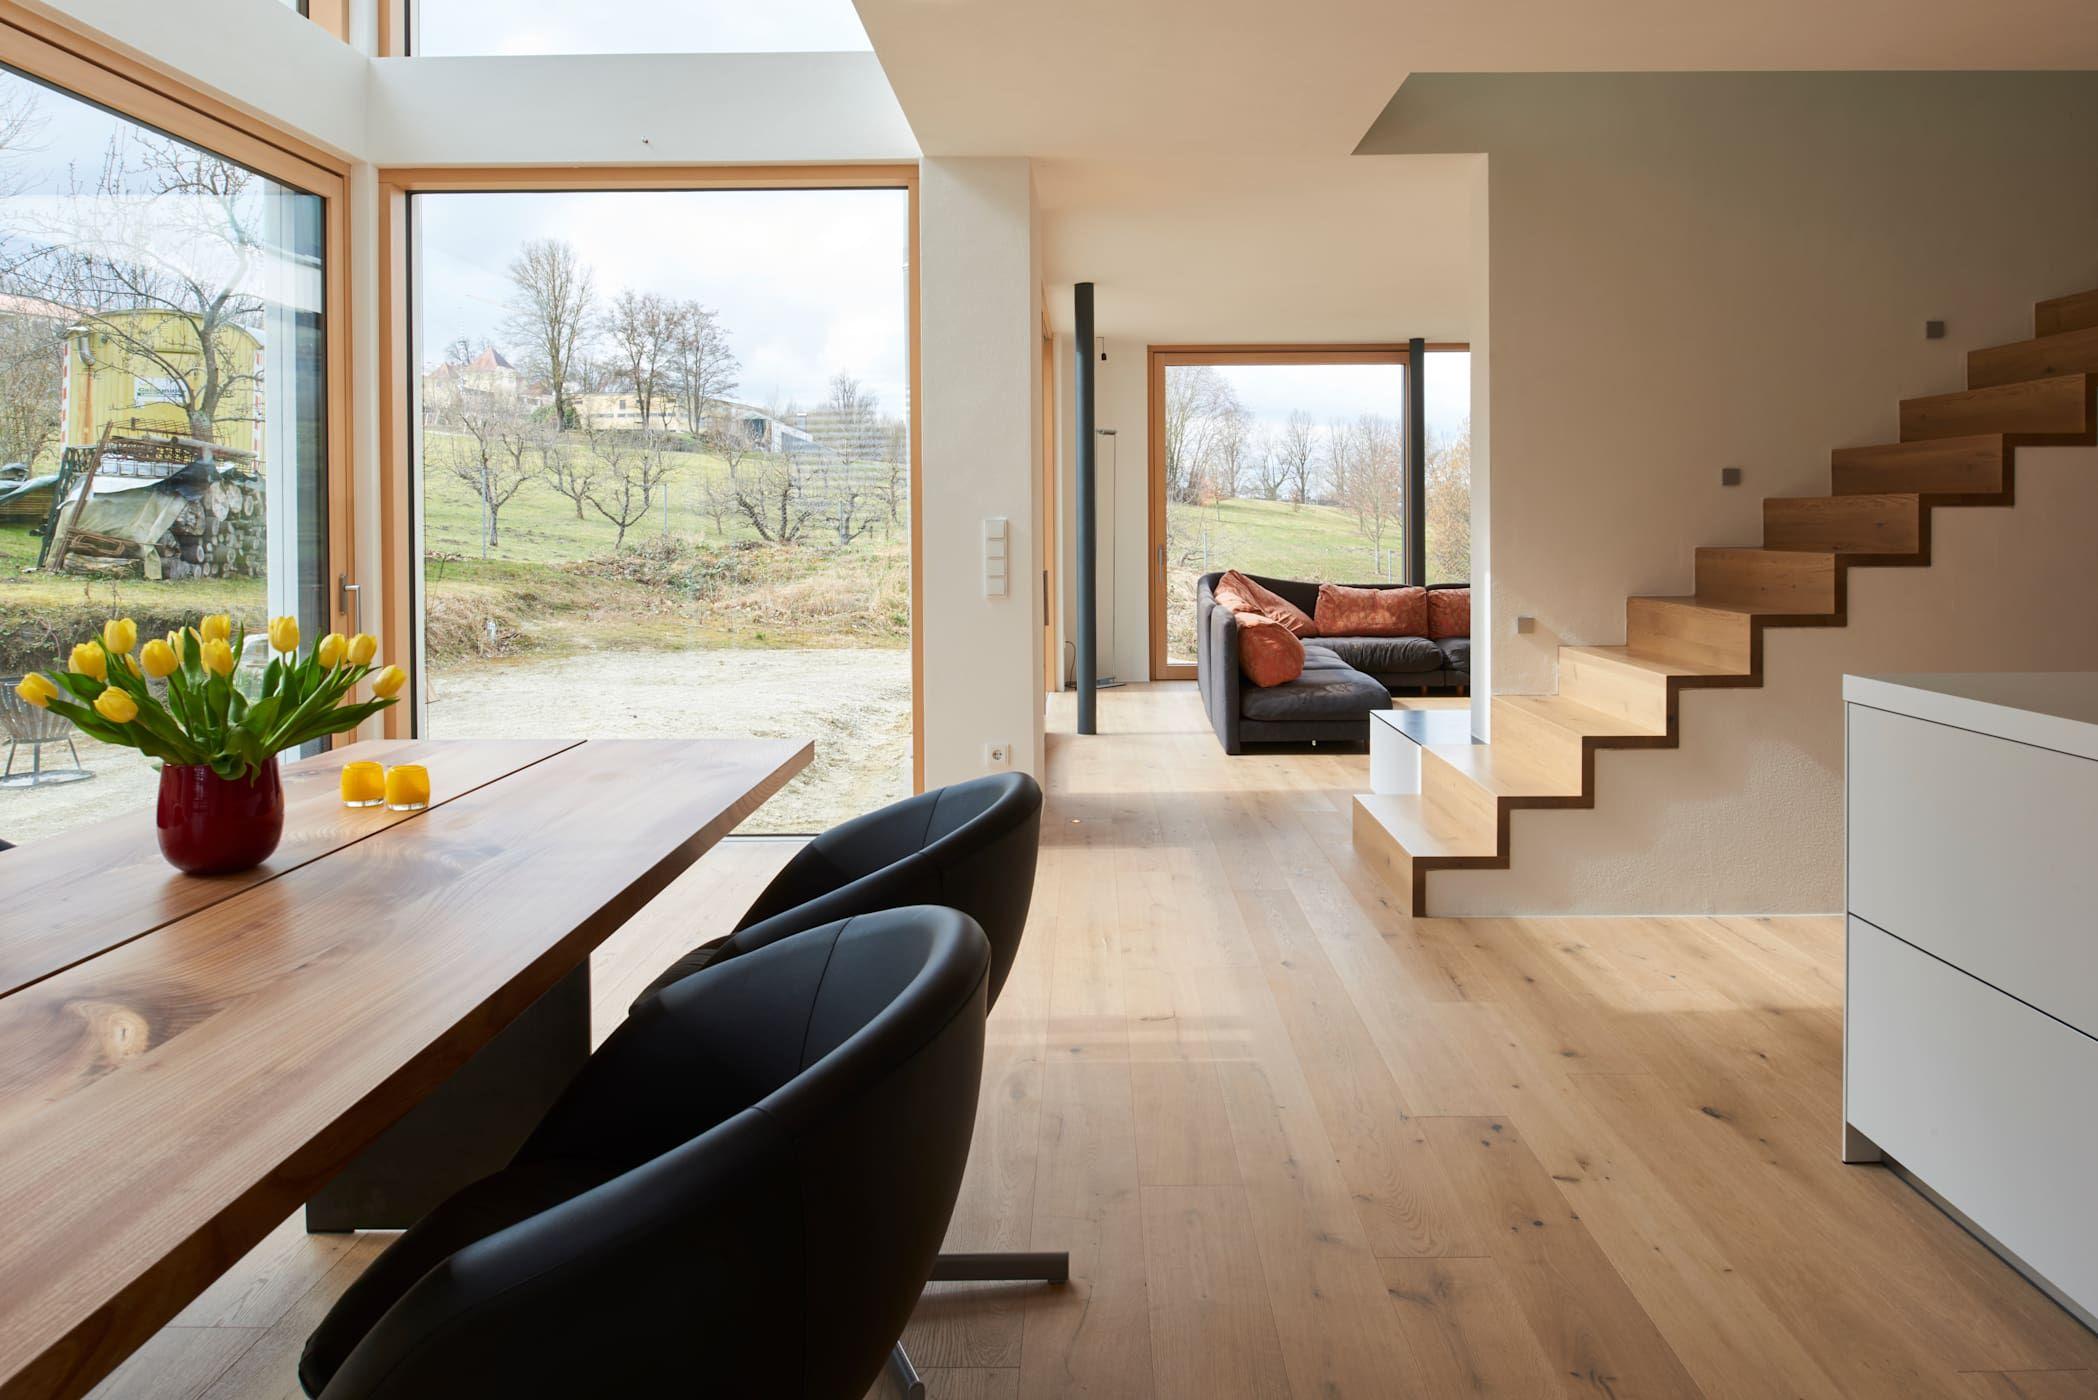 Manufaktur-landhausdiele im sonderfarbton nach wunsch der bauherrn moderne wohnzimmer von parkett leuthe gmbh modern holz holznachbildung | homify